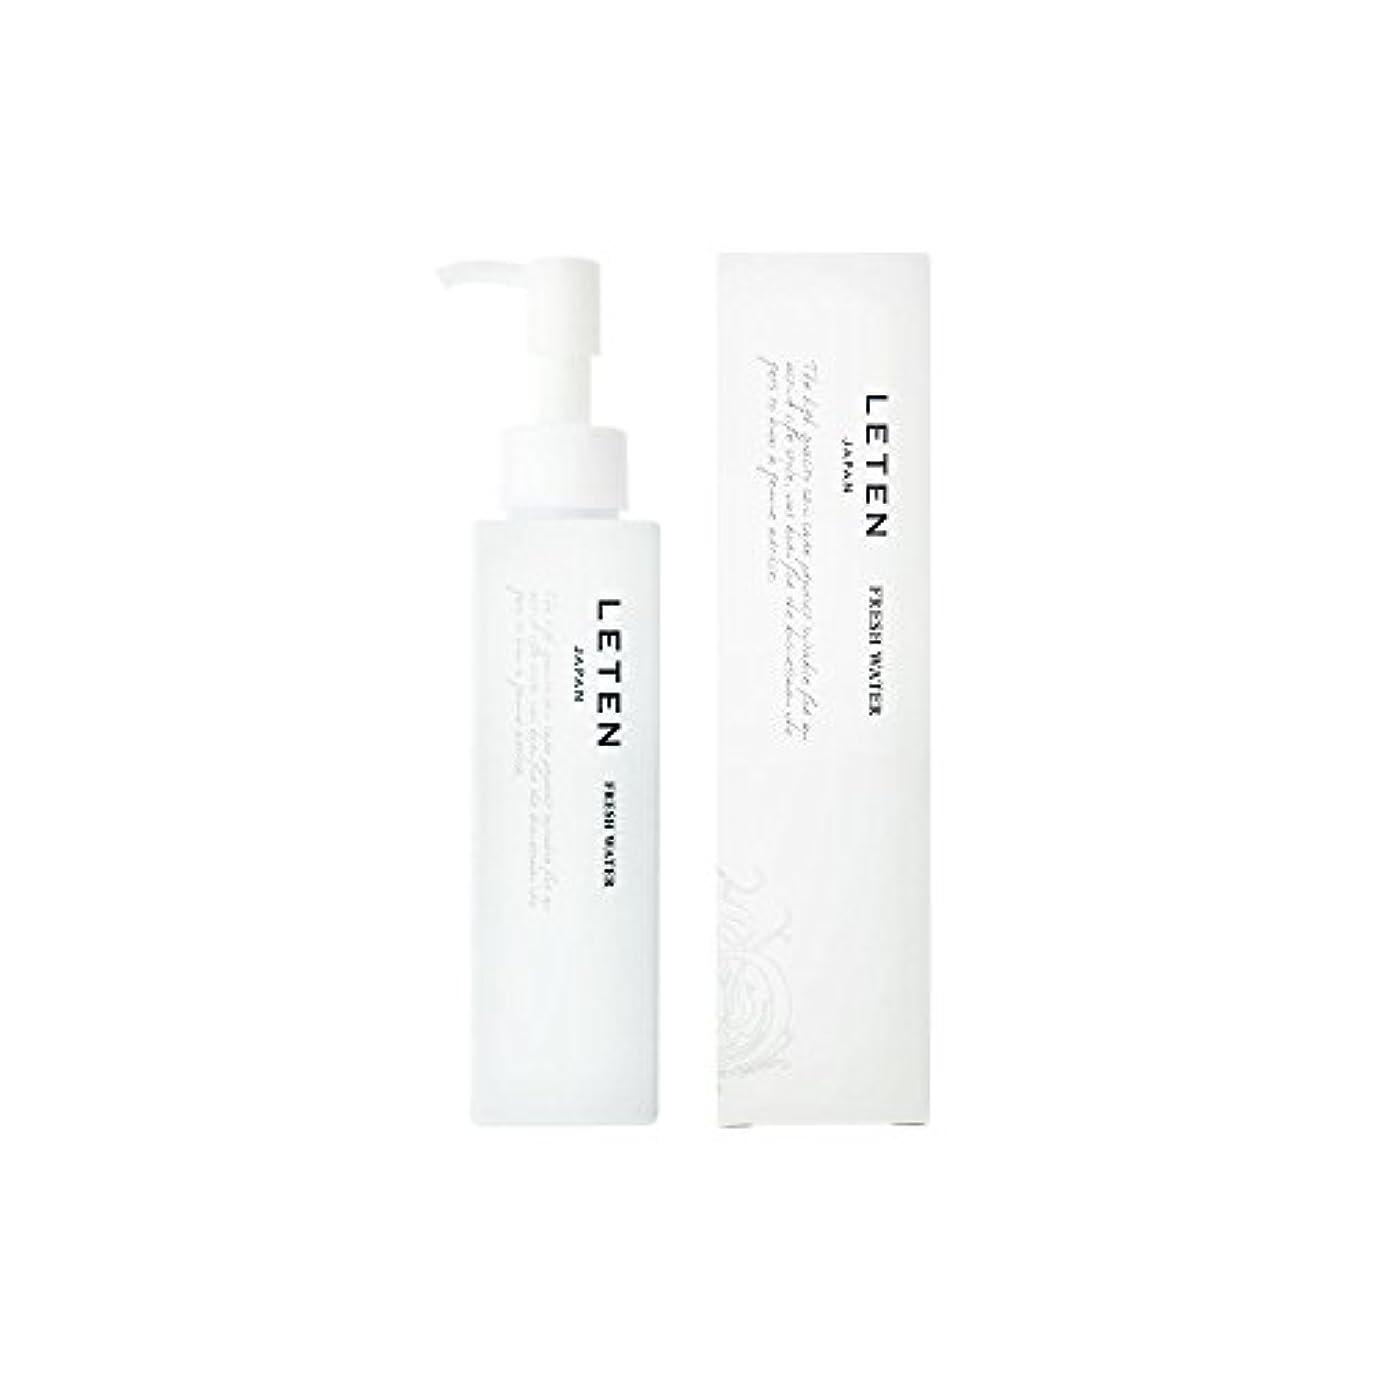 看板お風呂を持っているチャンバーレテン (LETEN) フレッシュウォーター 150ml 化粧水 敏感肌